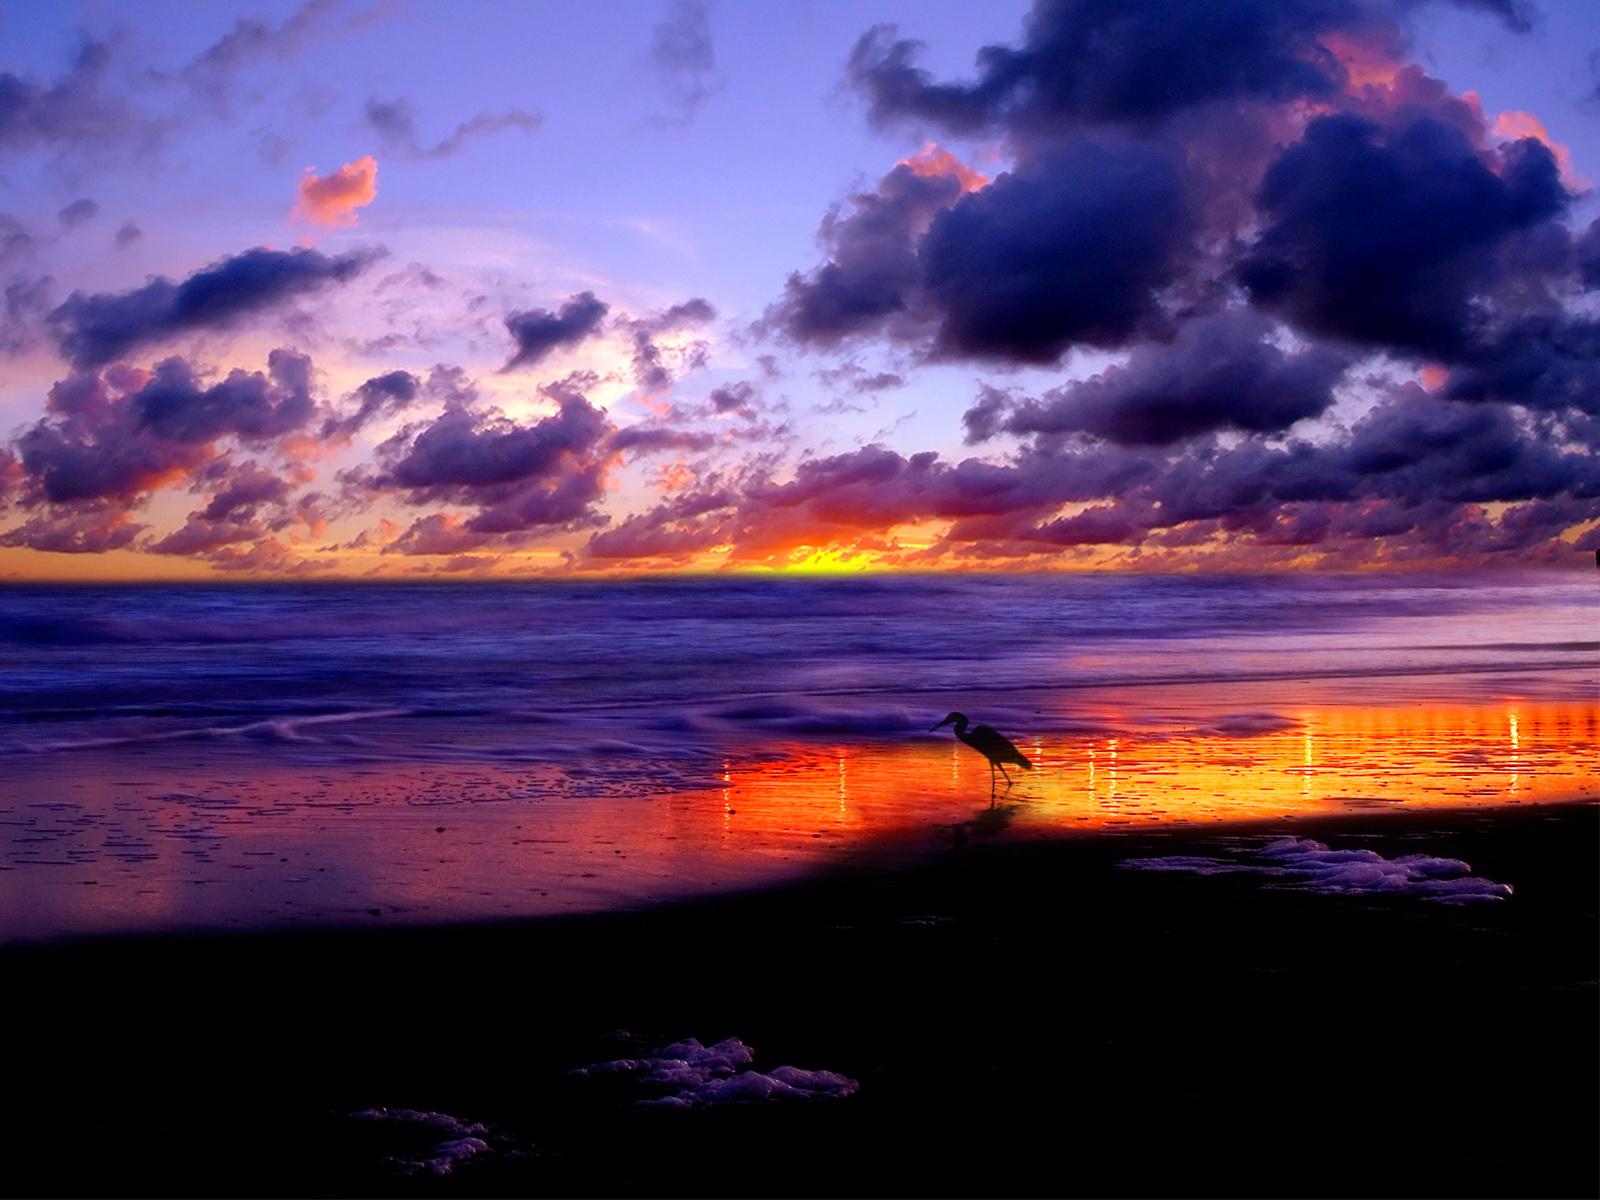 http://1.bp.blogspot.com/-V9NJ-SqaQTQ/Ti7C5Np0z0I/AAAAAAAAND8/uXTceeF9wOM/s1600/Beach%2Bsunset%2Bwallpapers-1.jpg